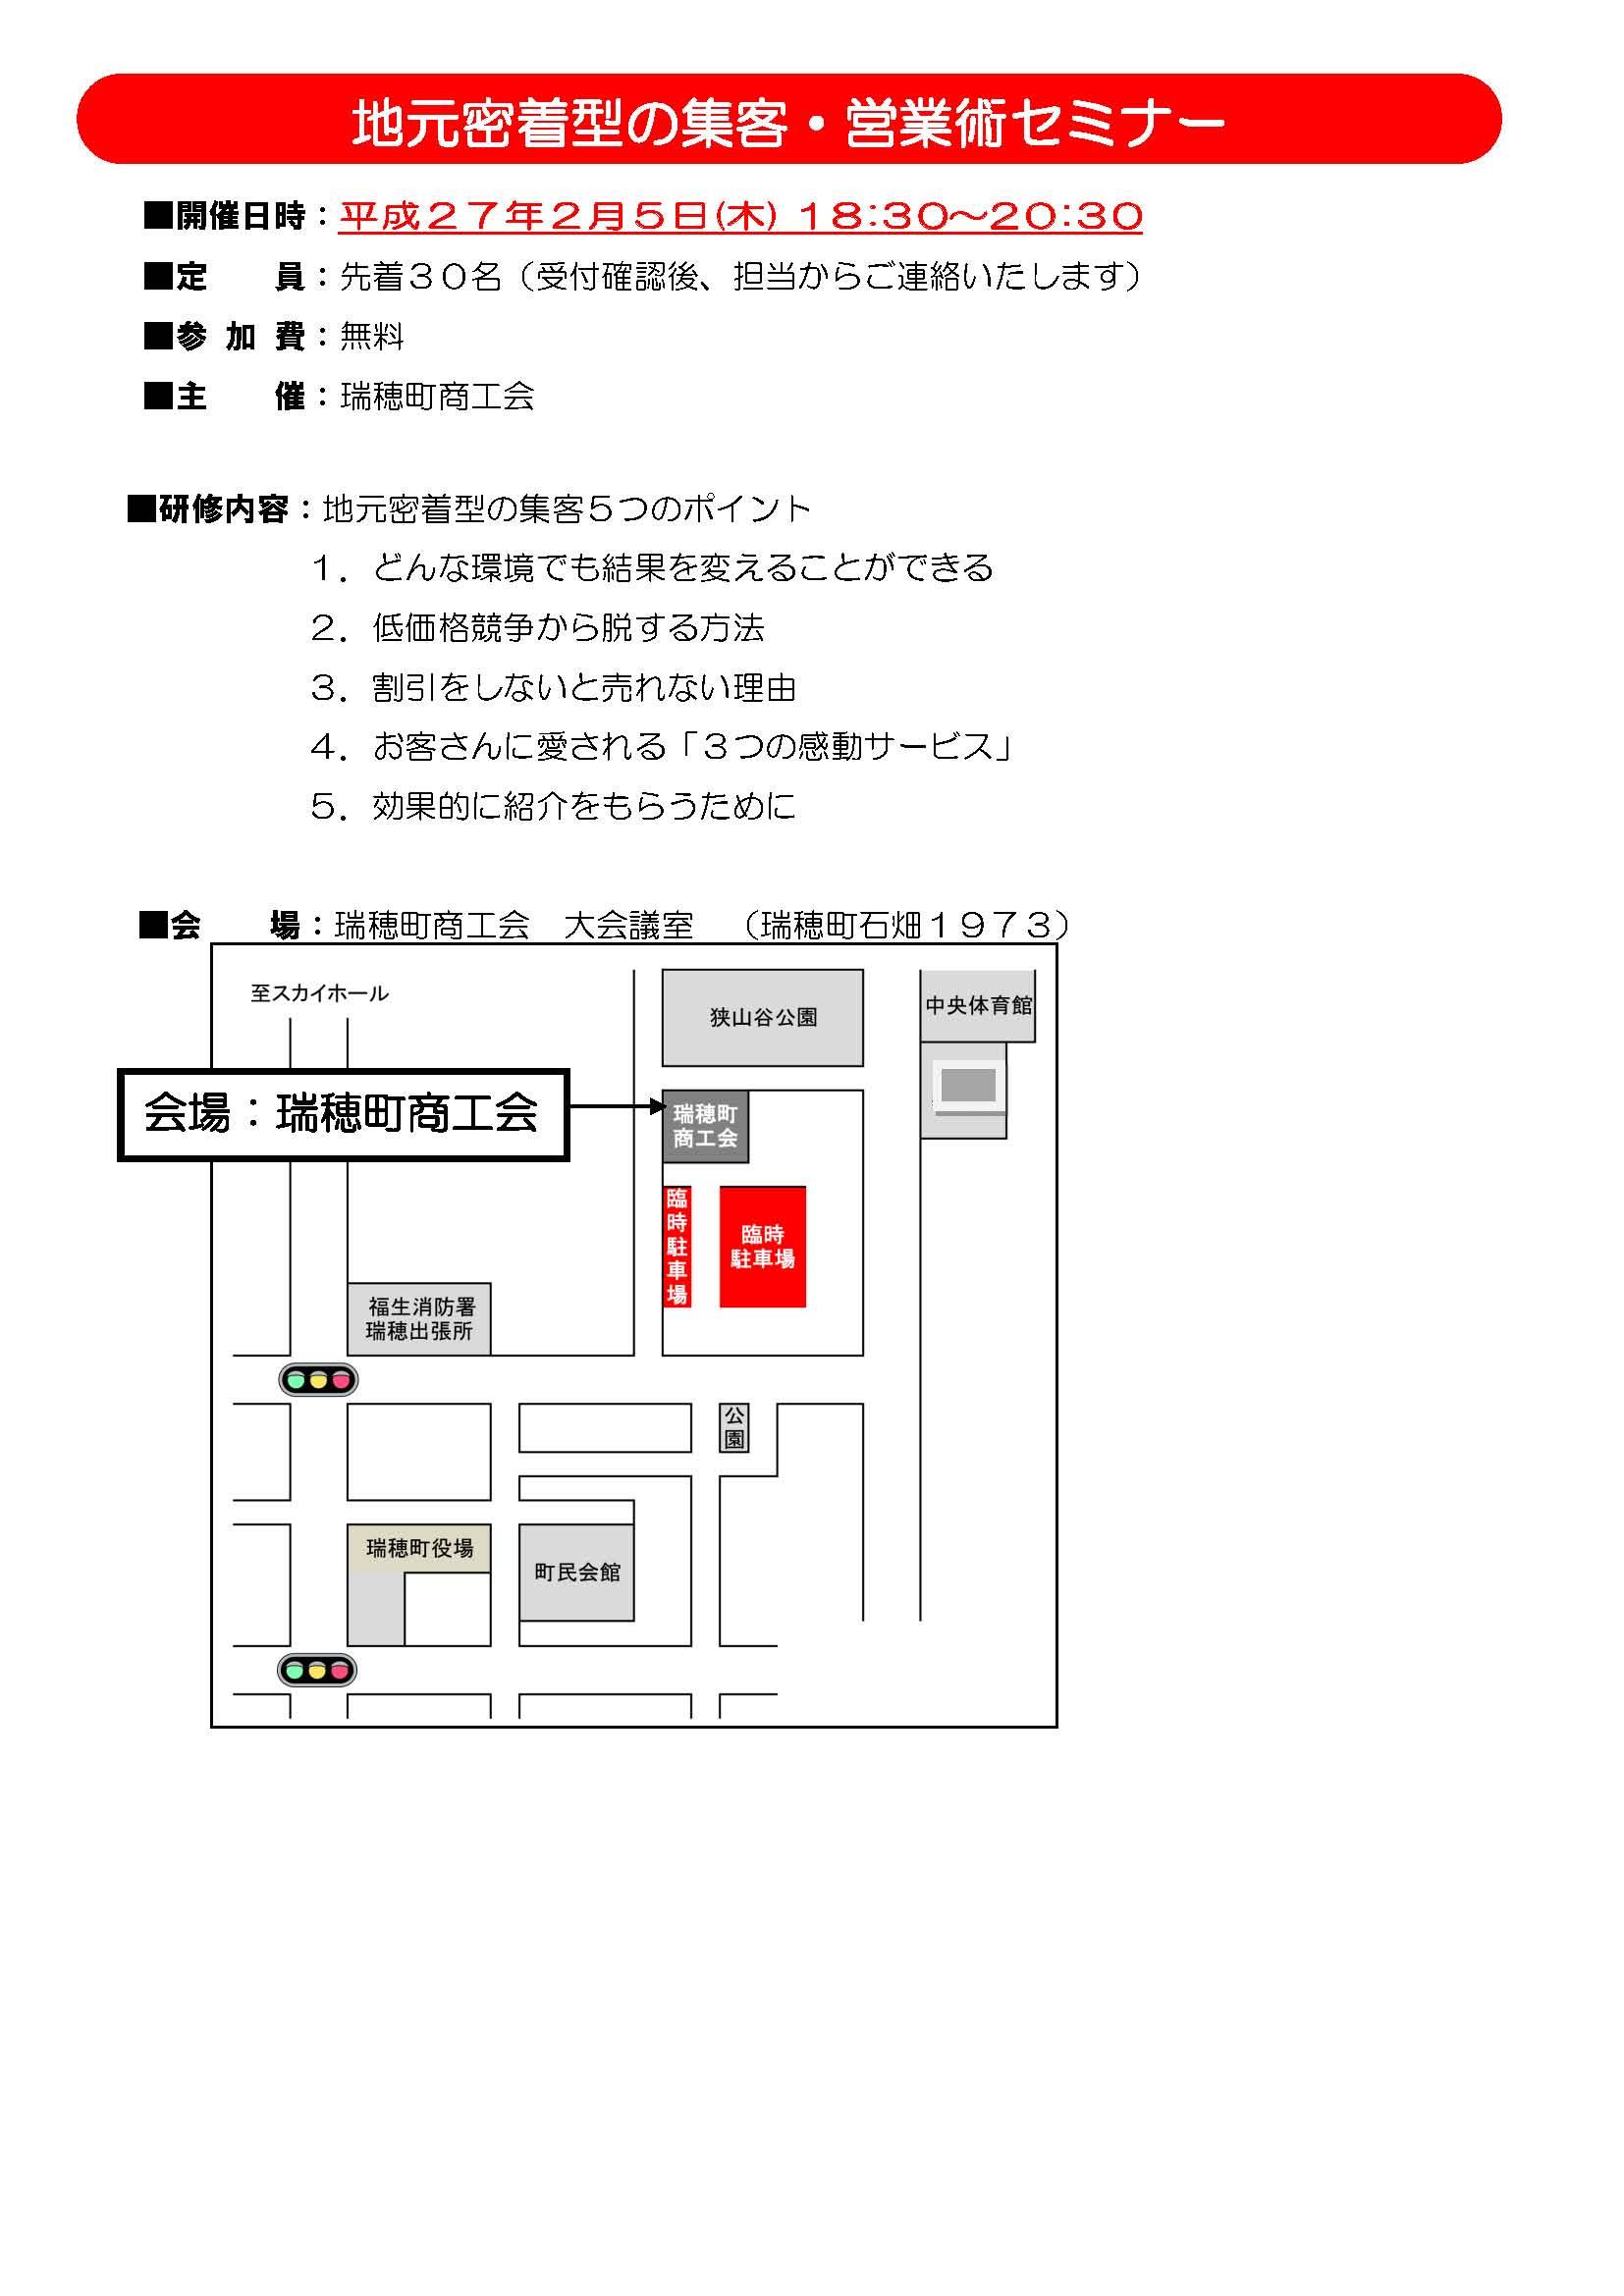 東京・瑞穂商工会 チラシ_ページ_2